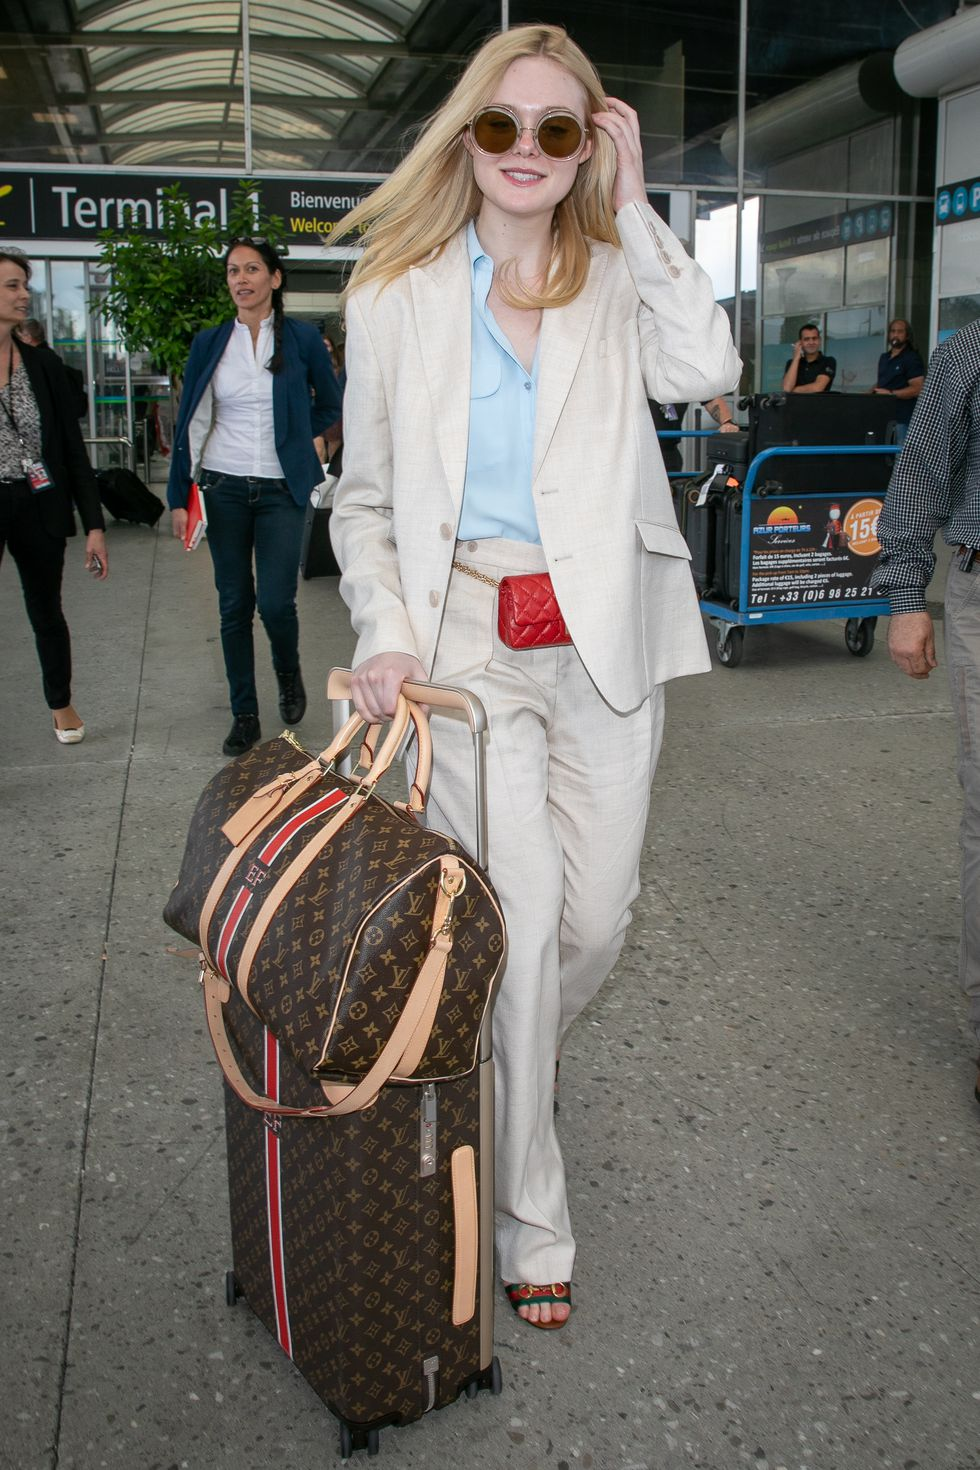 Elle Fanning trong bộ suit linen trắng tại đáp sân bay đến Cannes